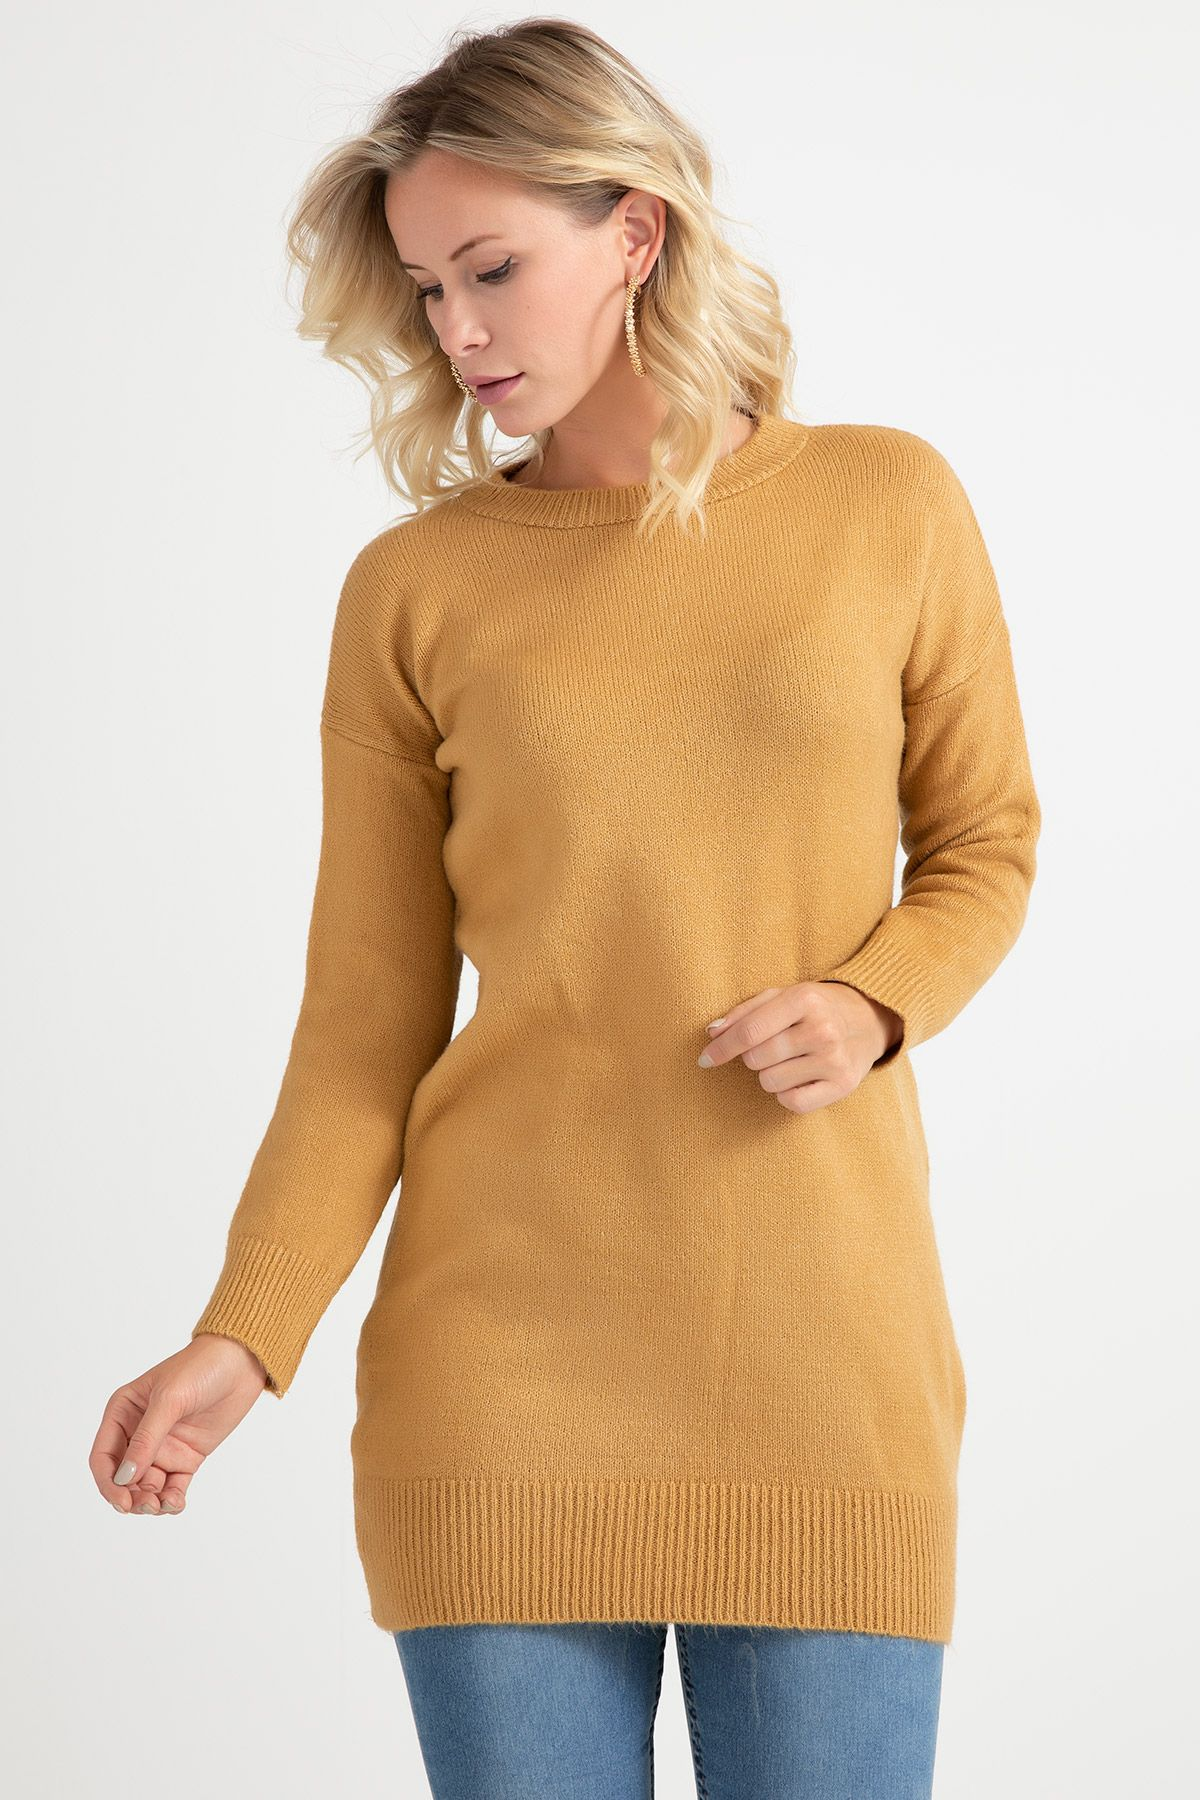 Knitwear - Tunic -Beige